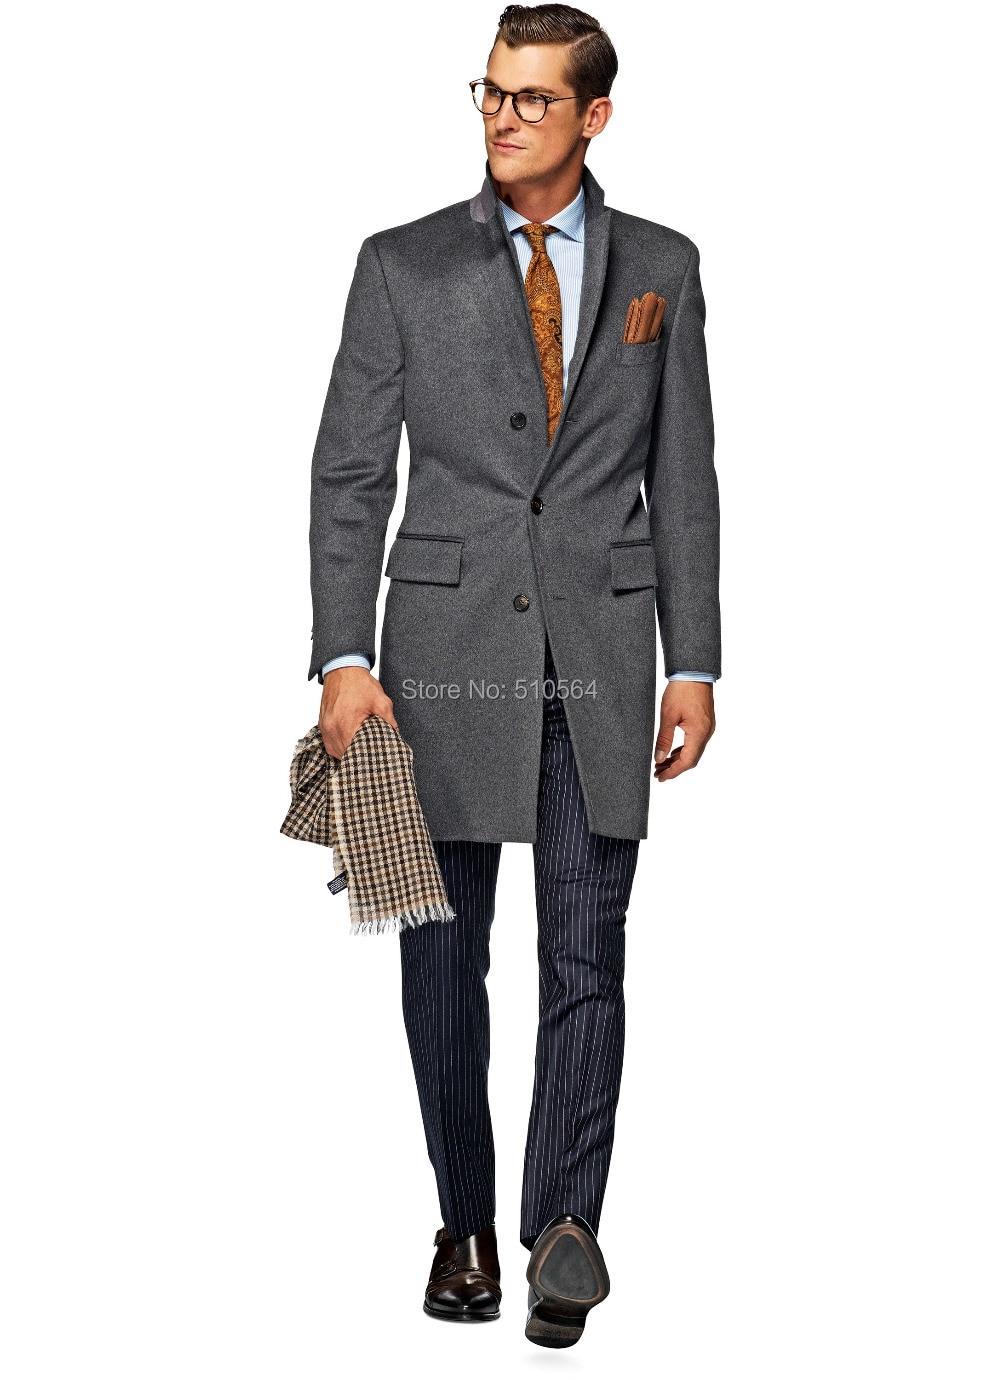 Fit Cachemire Veste Hommes Gratuite Laine Slim Casual Plus Manteau Made Gris Livraison Custom pMVSUzq